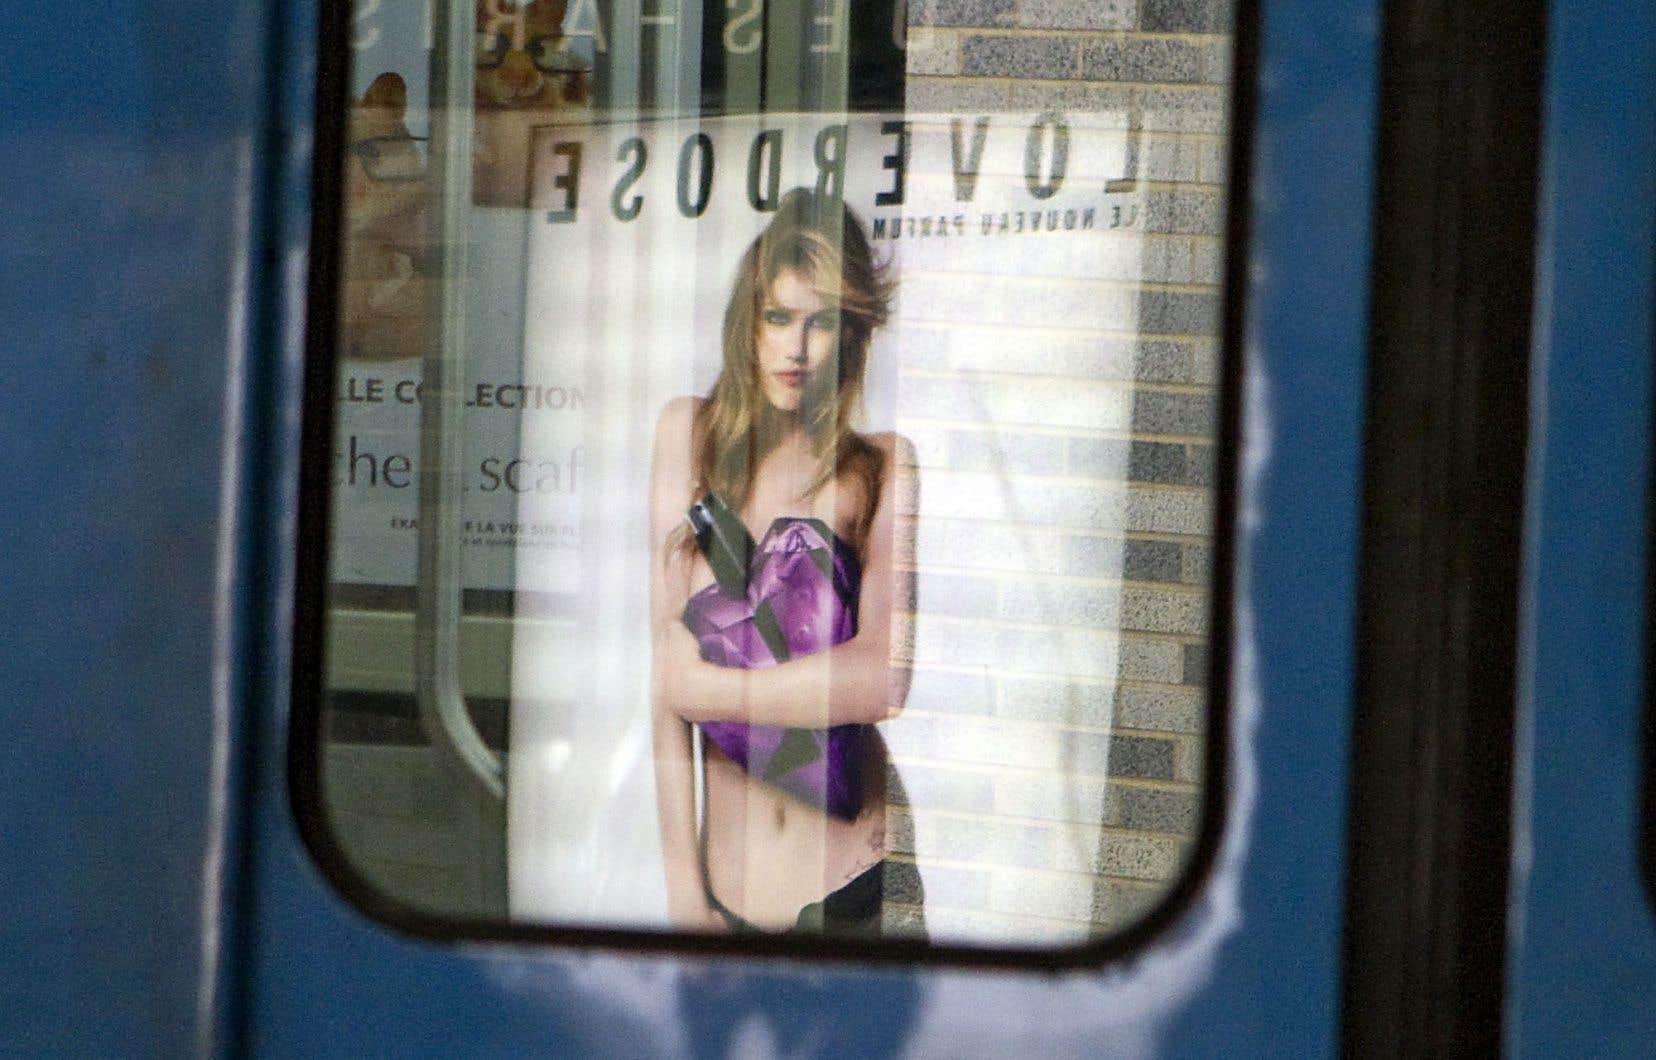 Le corps féminin est plus présent en pub que le corps masculin. «La femme fait vendre. La femme magnifiée et retouchée. C'est un symbole de consommation.»